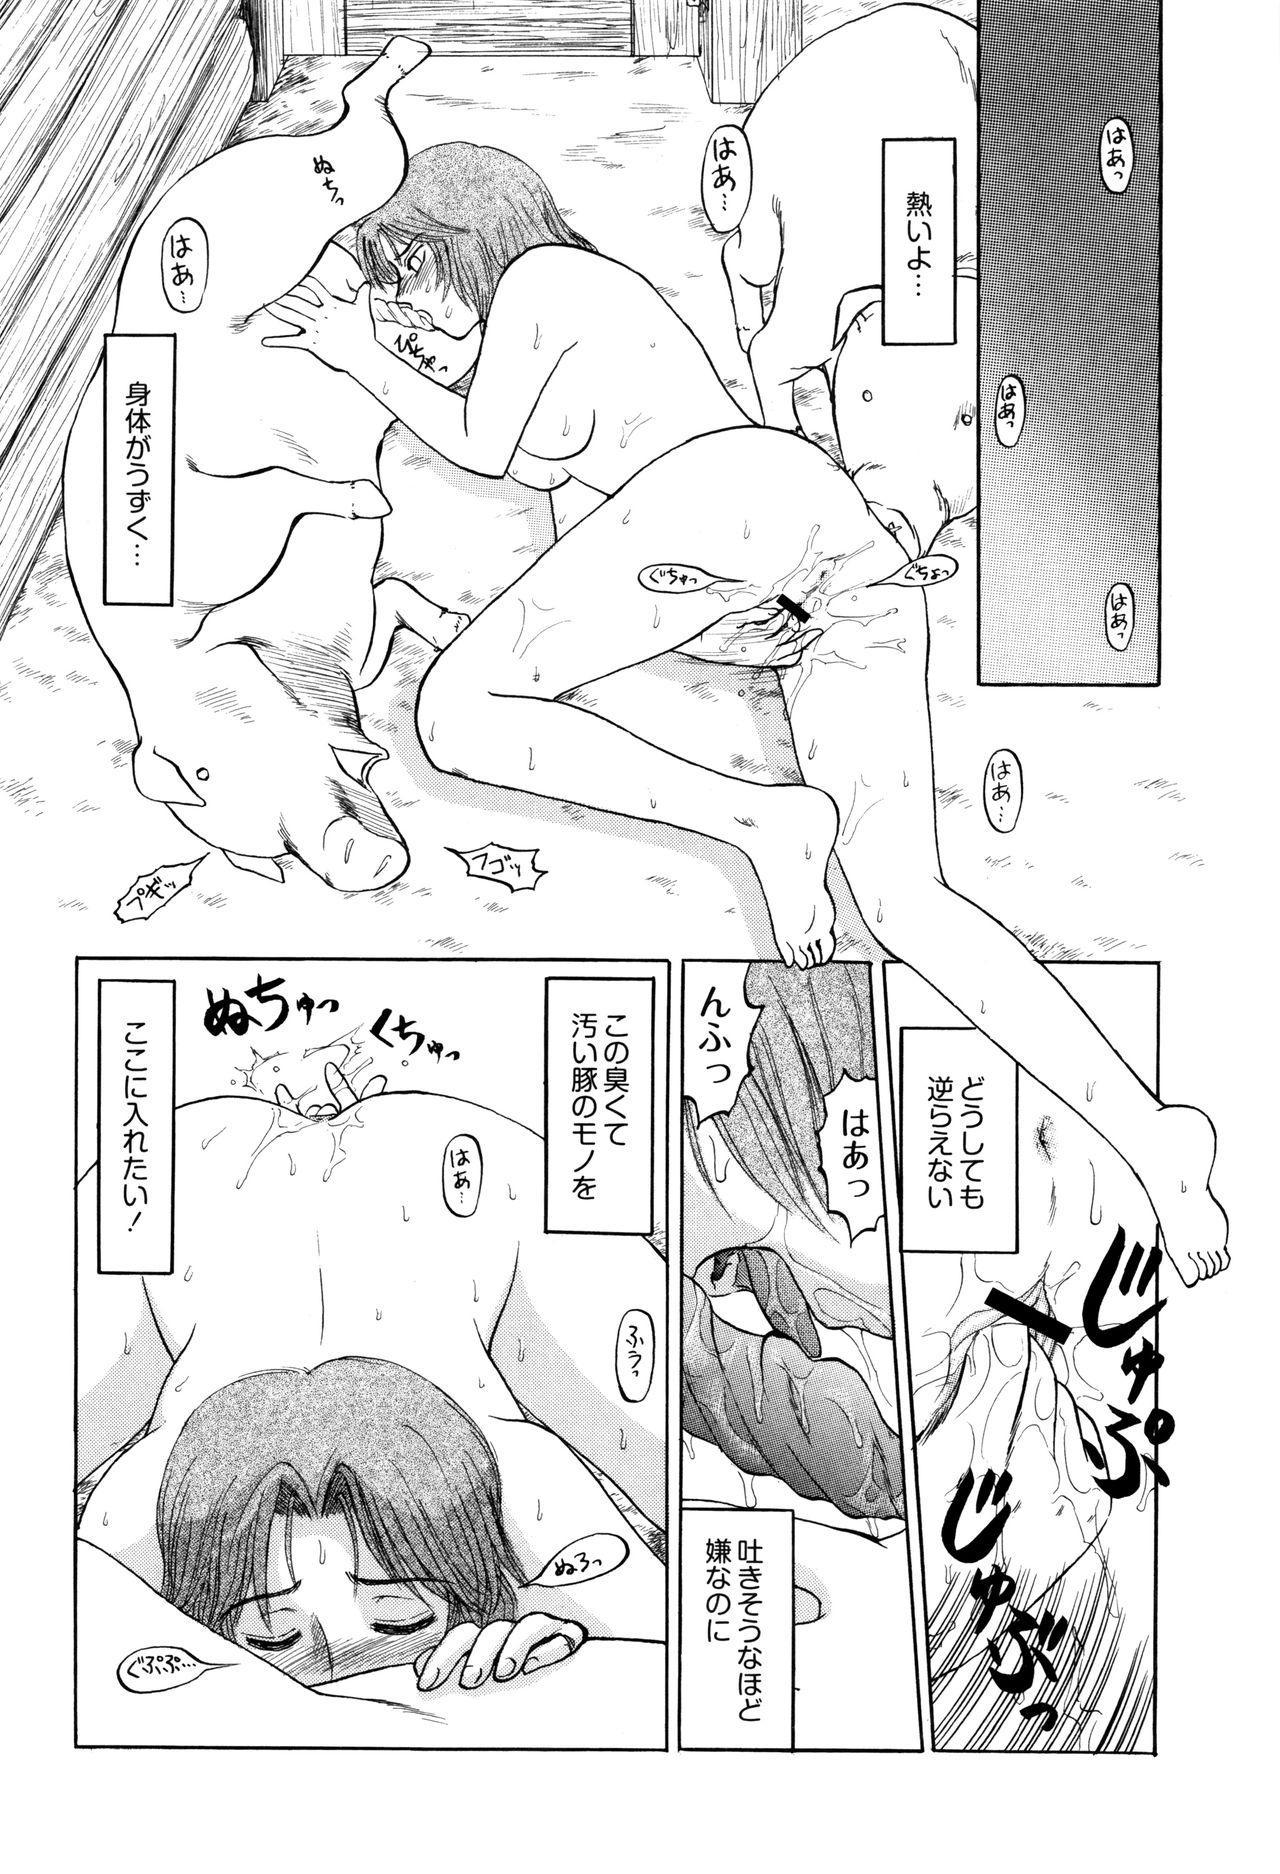 Chishigoyomi 150